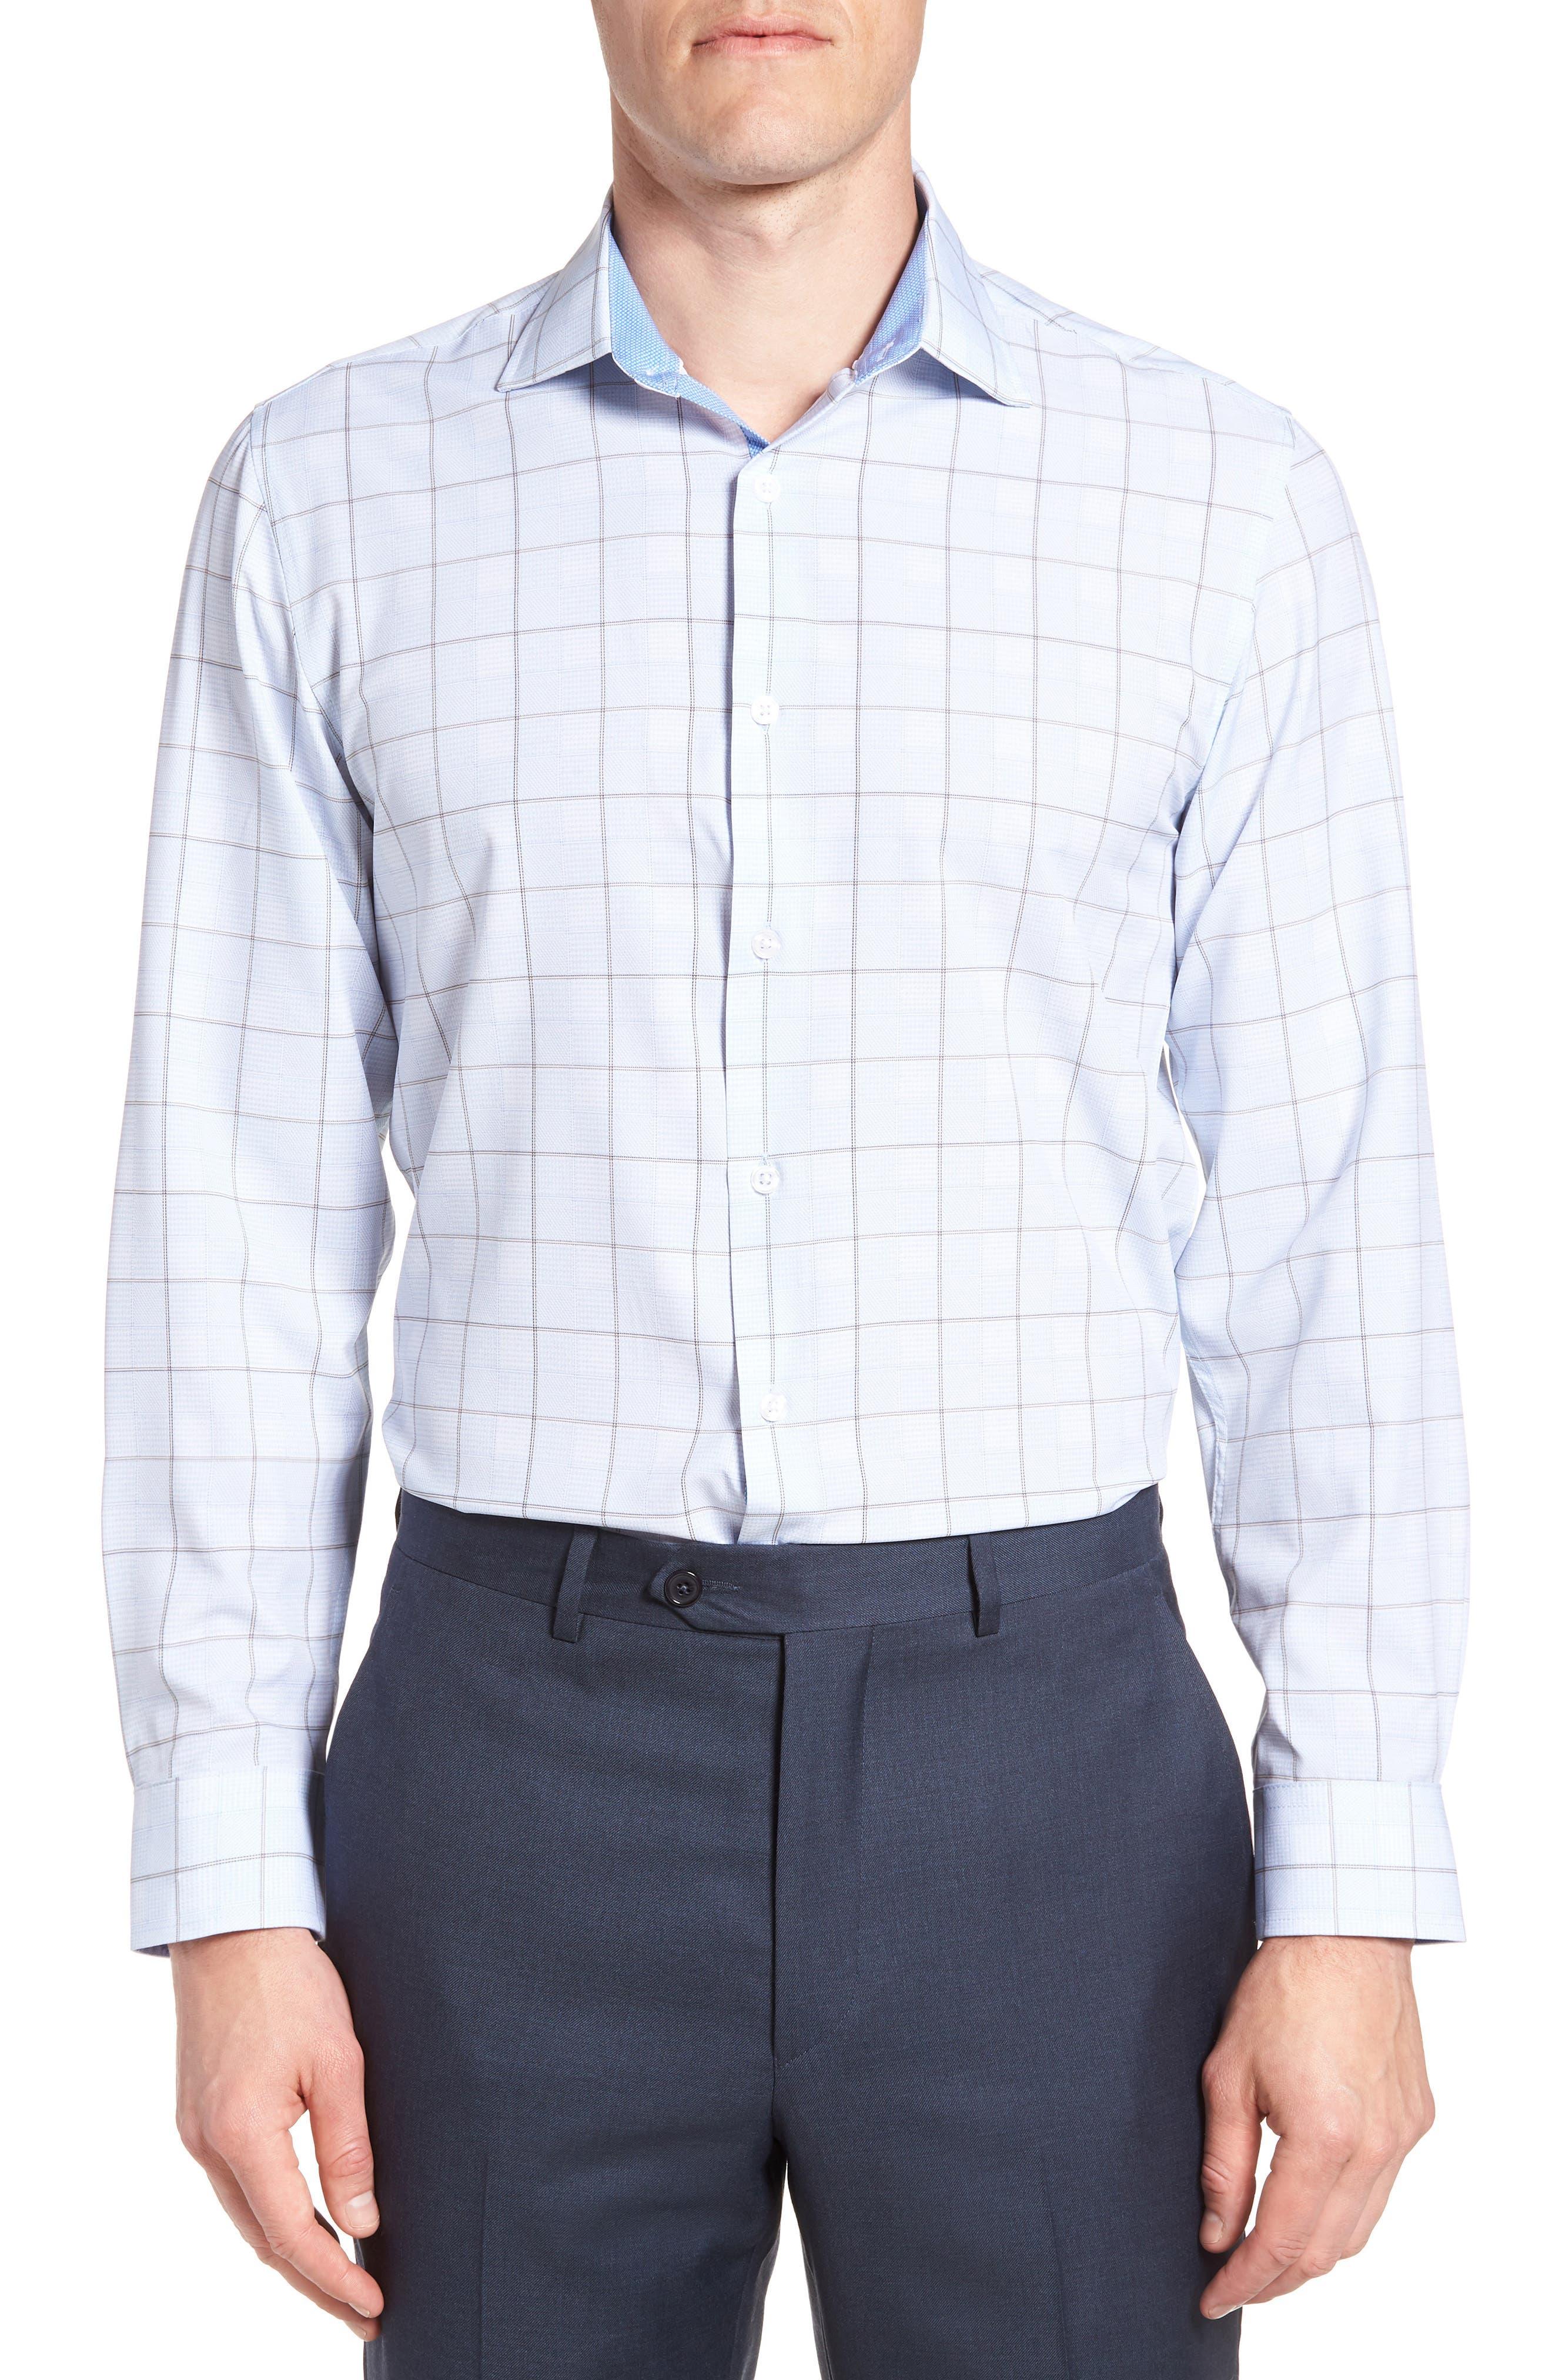 Trim Fit Plaid 4-Way Stretch Dress Shirt,                             Main thumbnail 1, color,                             BLUE